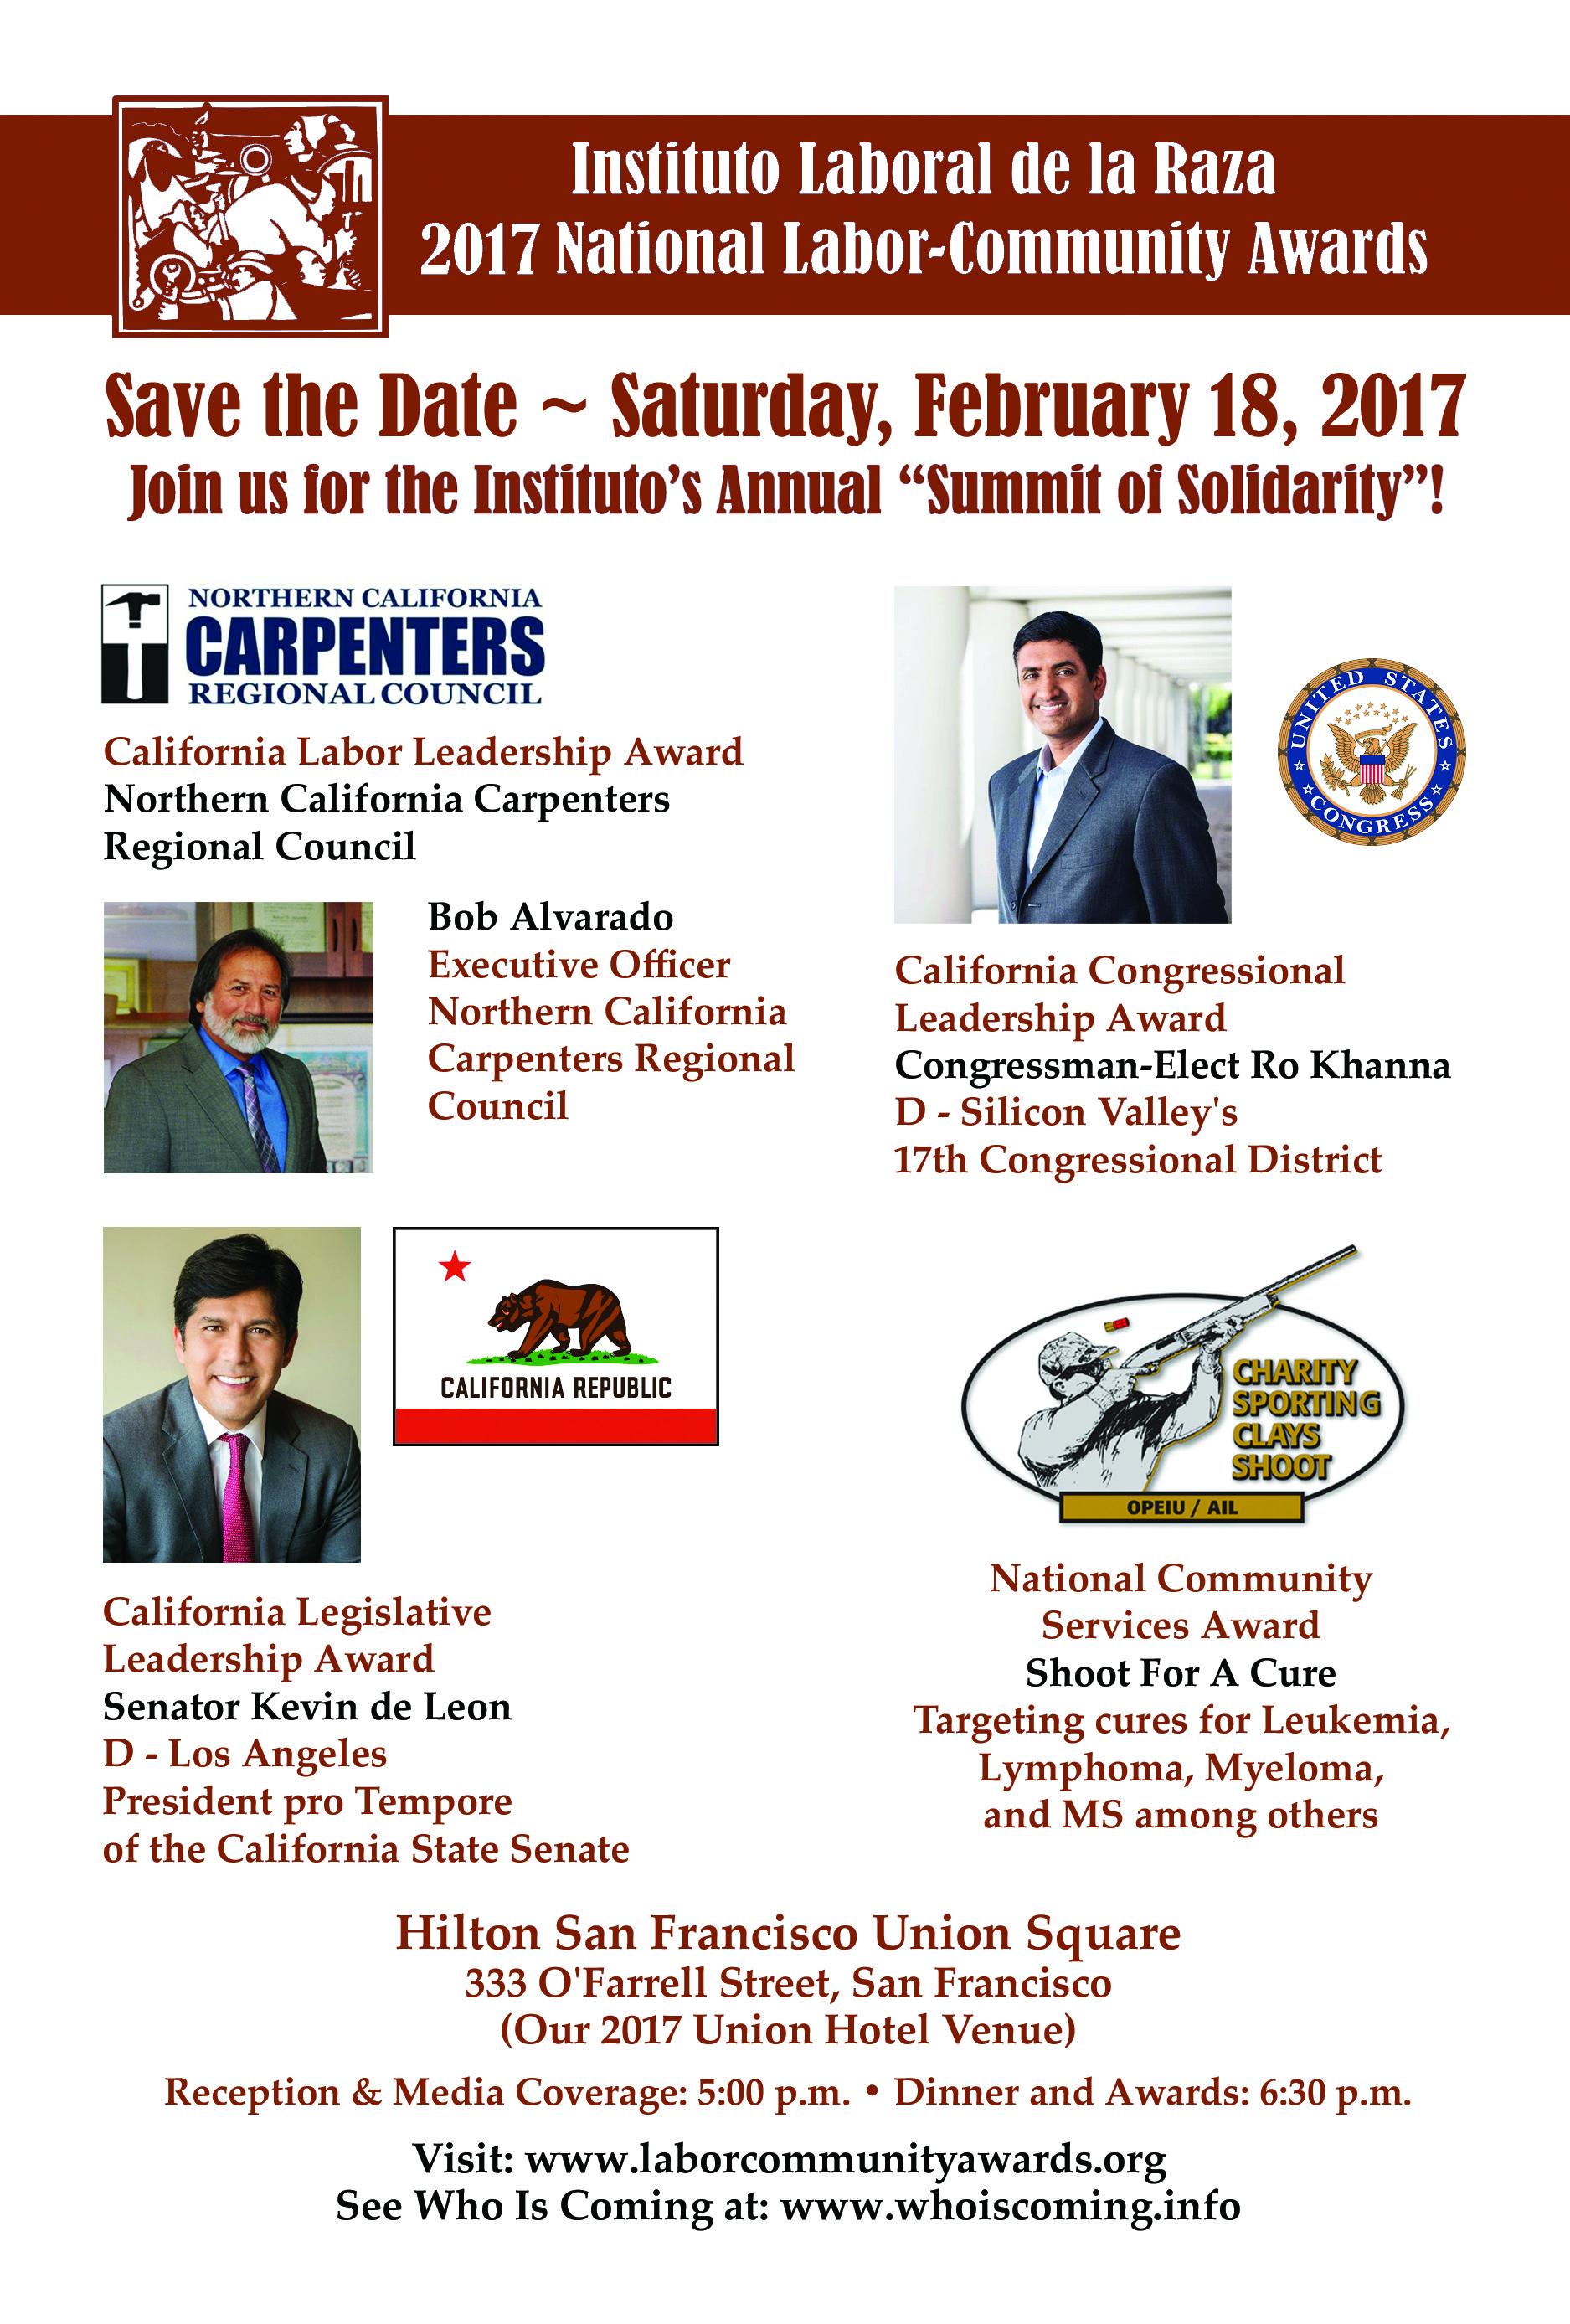 2017 national labor-community awards